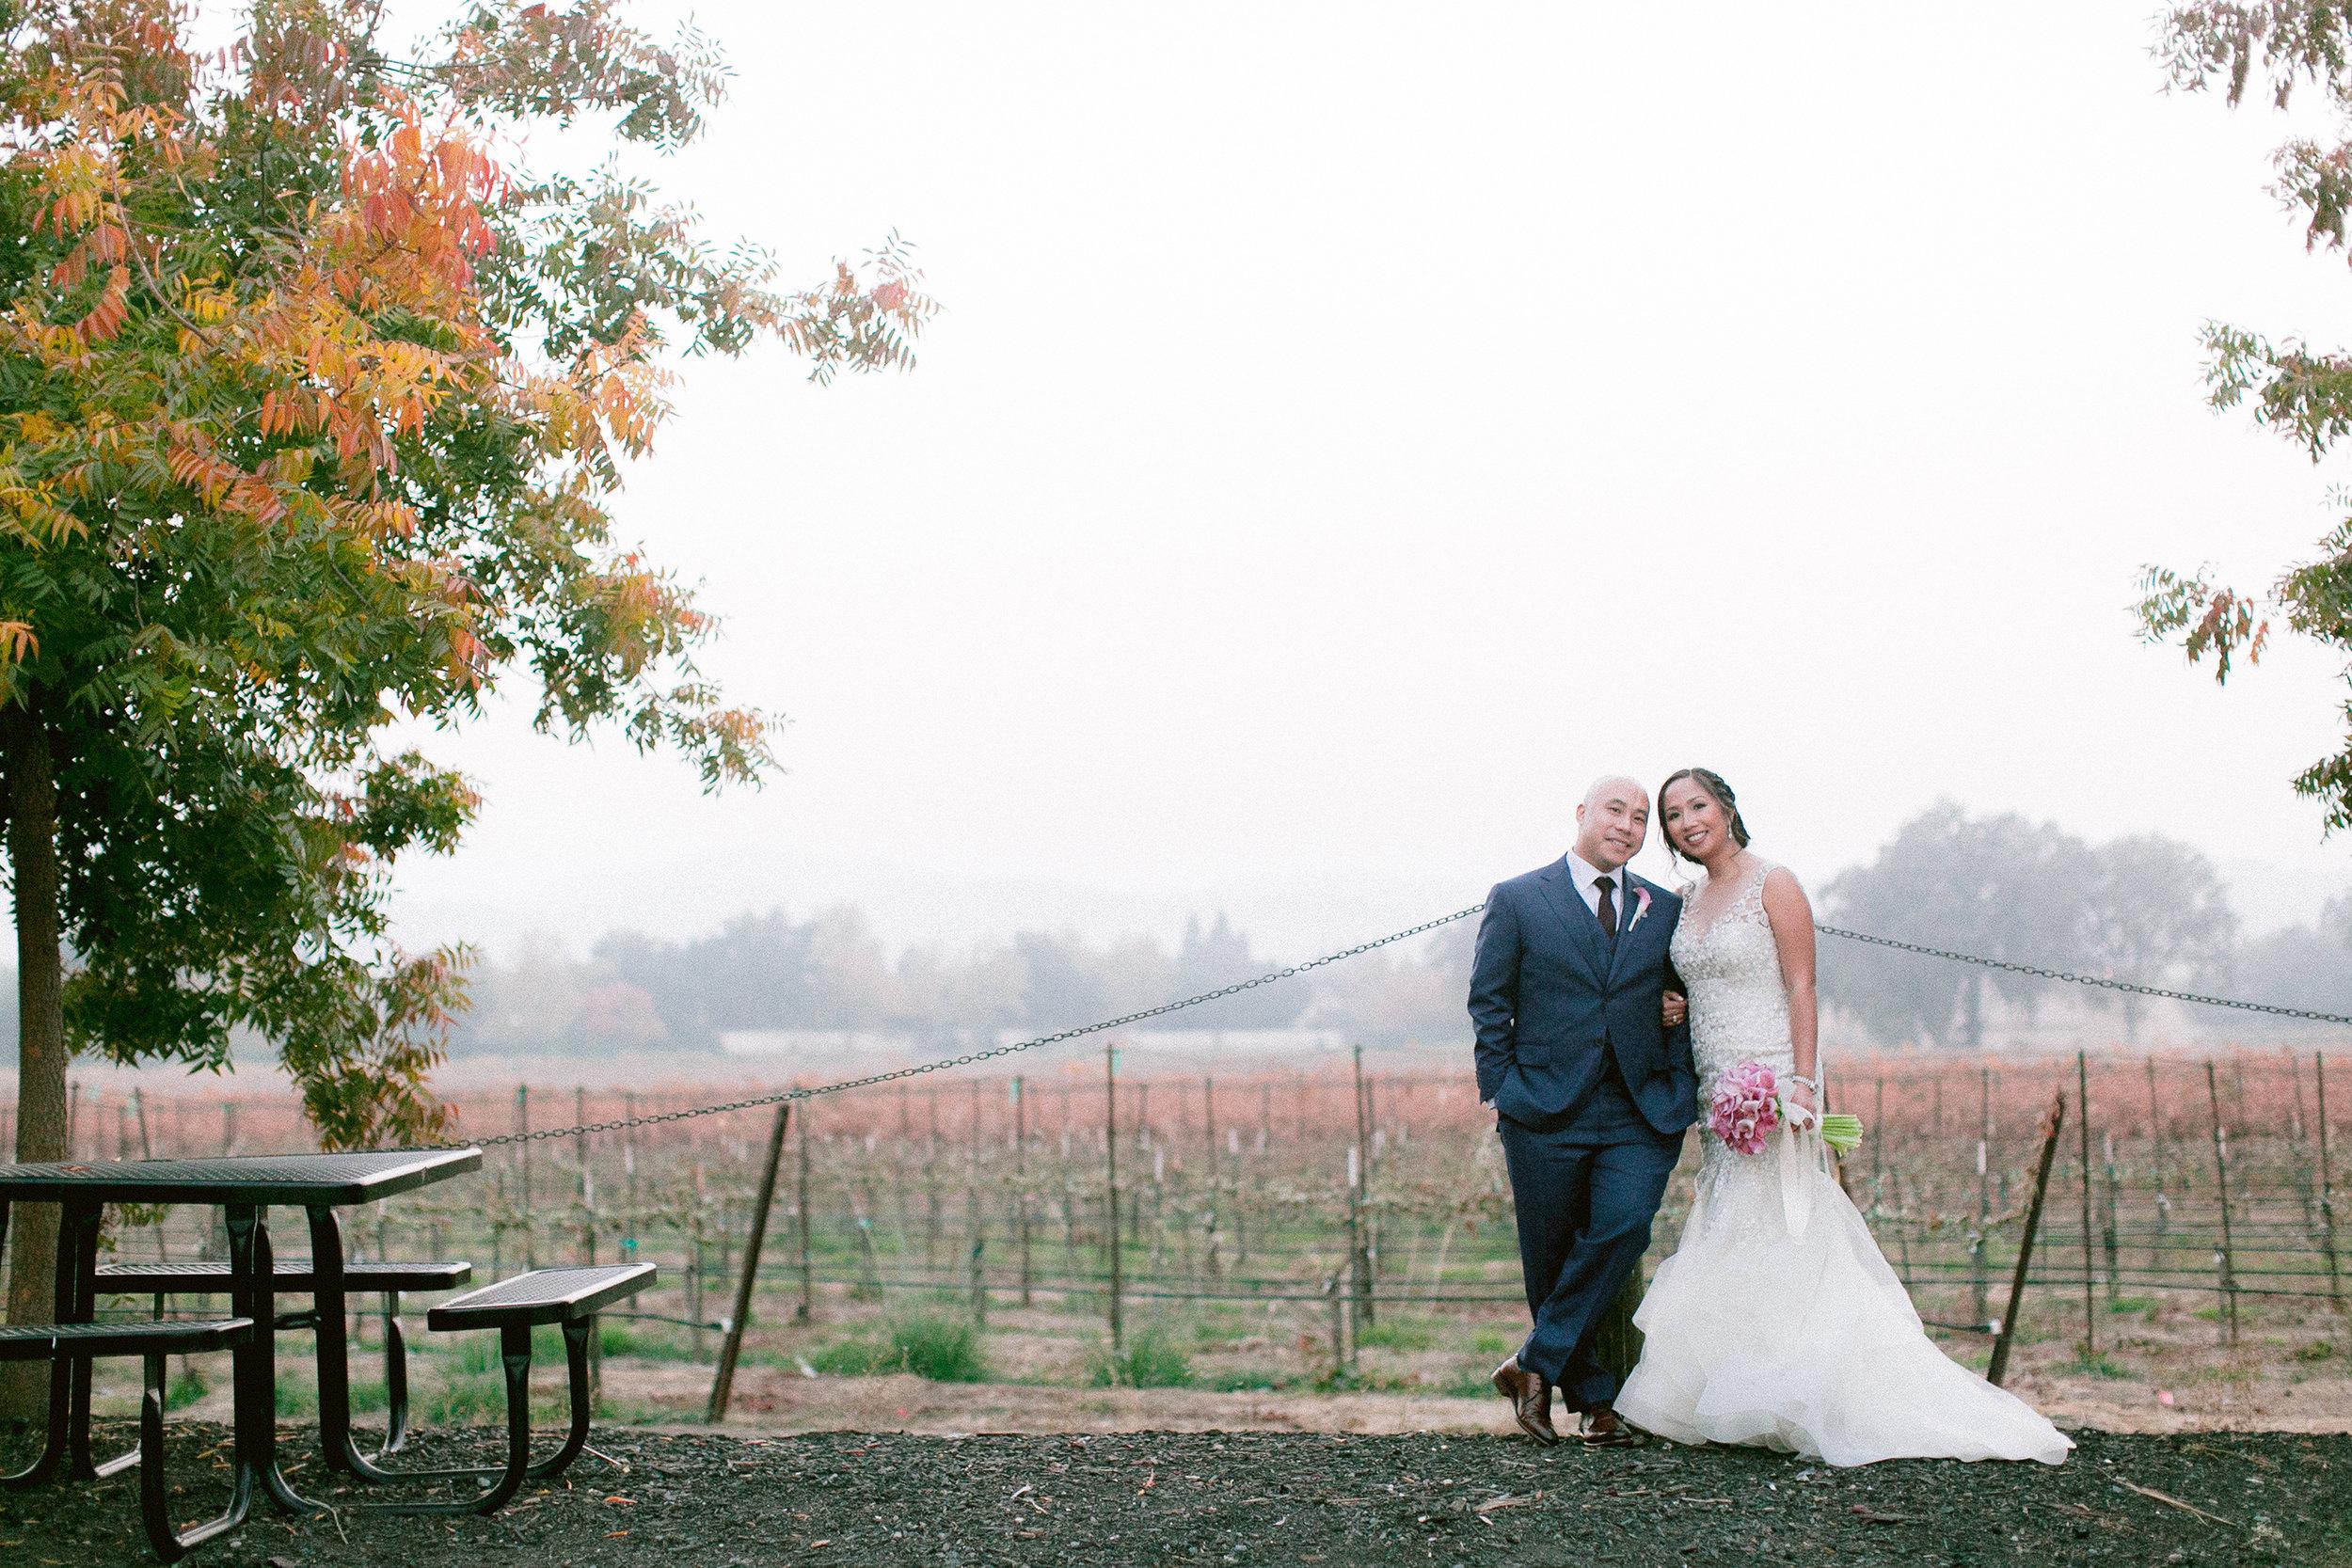 Casa_Real_at_Ruby_Hill_Winery_Wedding_018.jpg